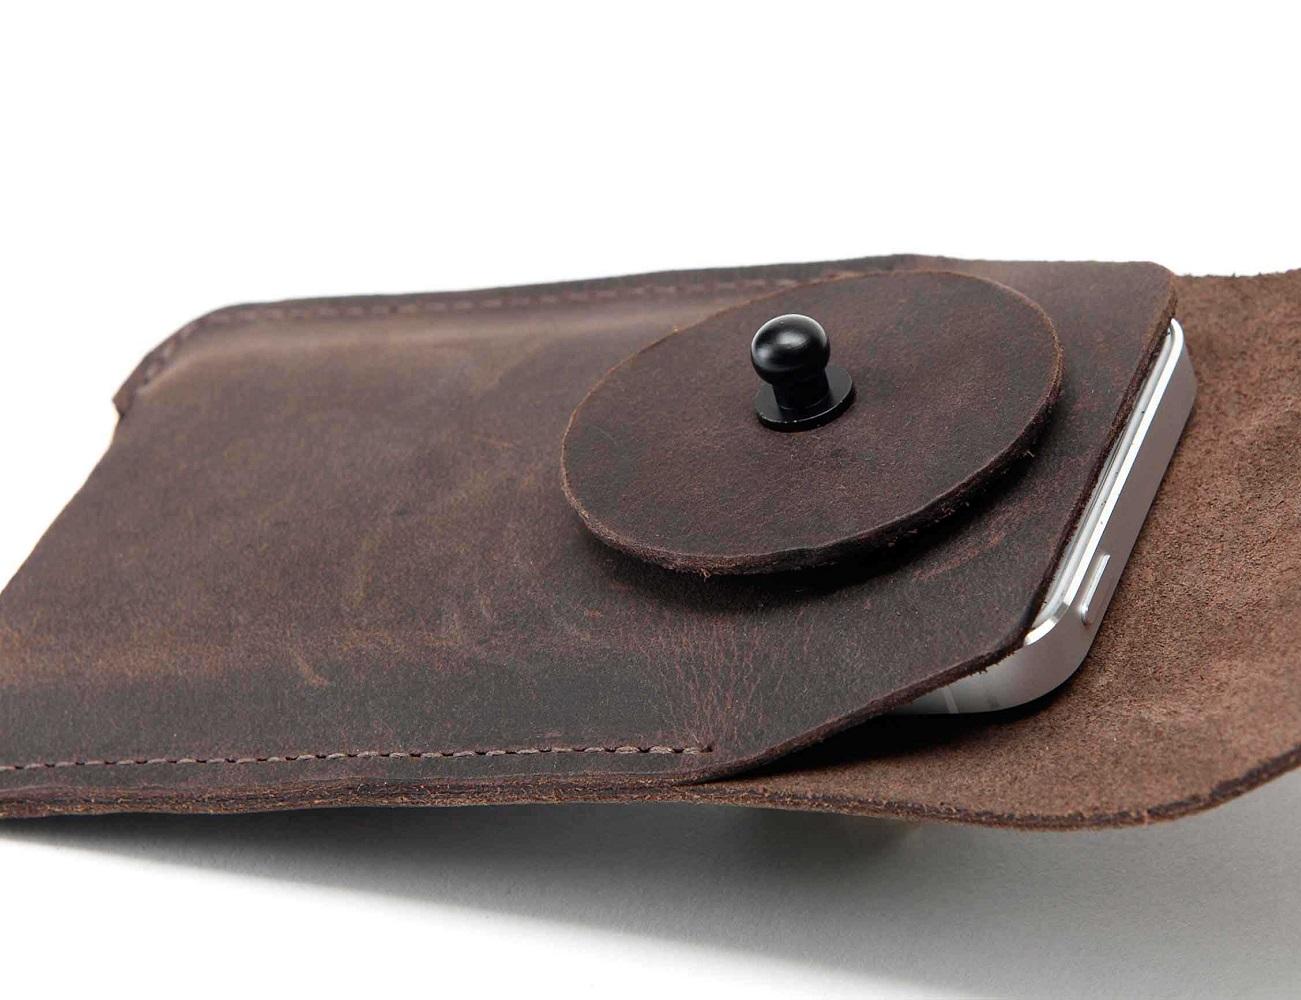 iPhone 6/6s Spinn Case